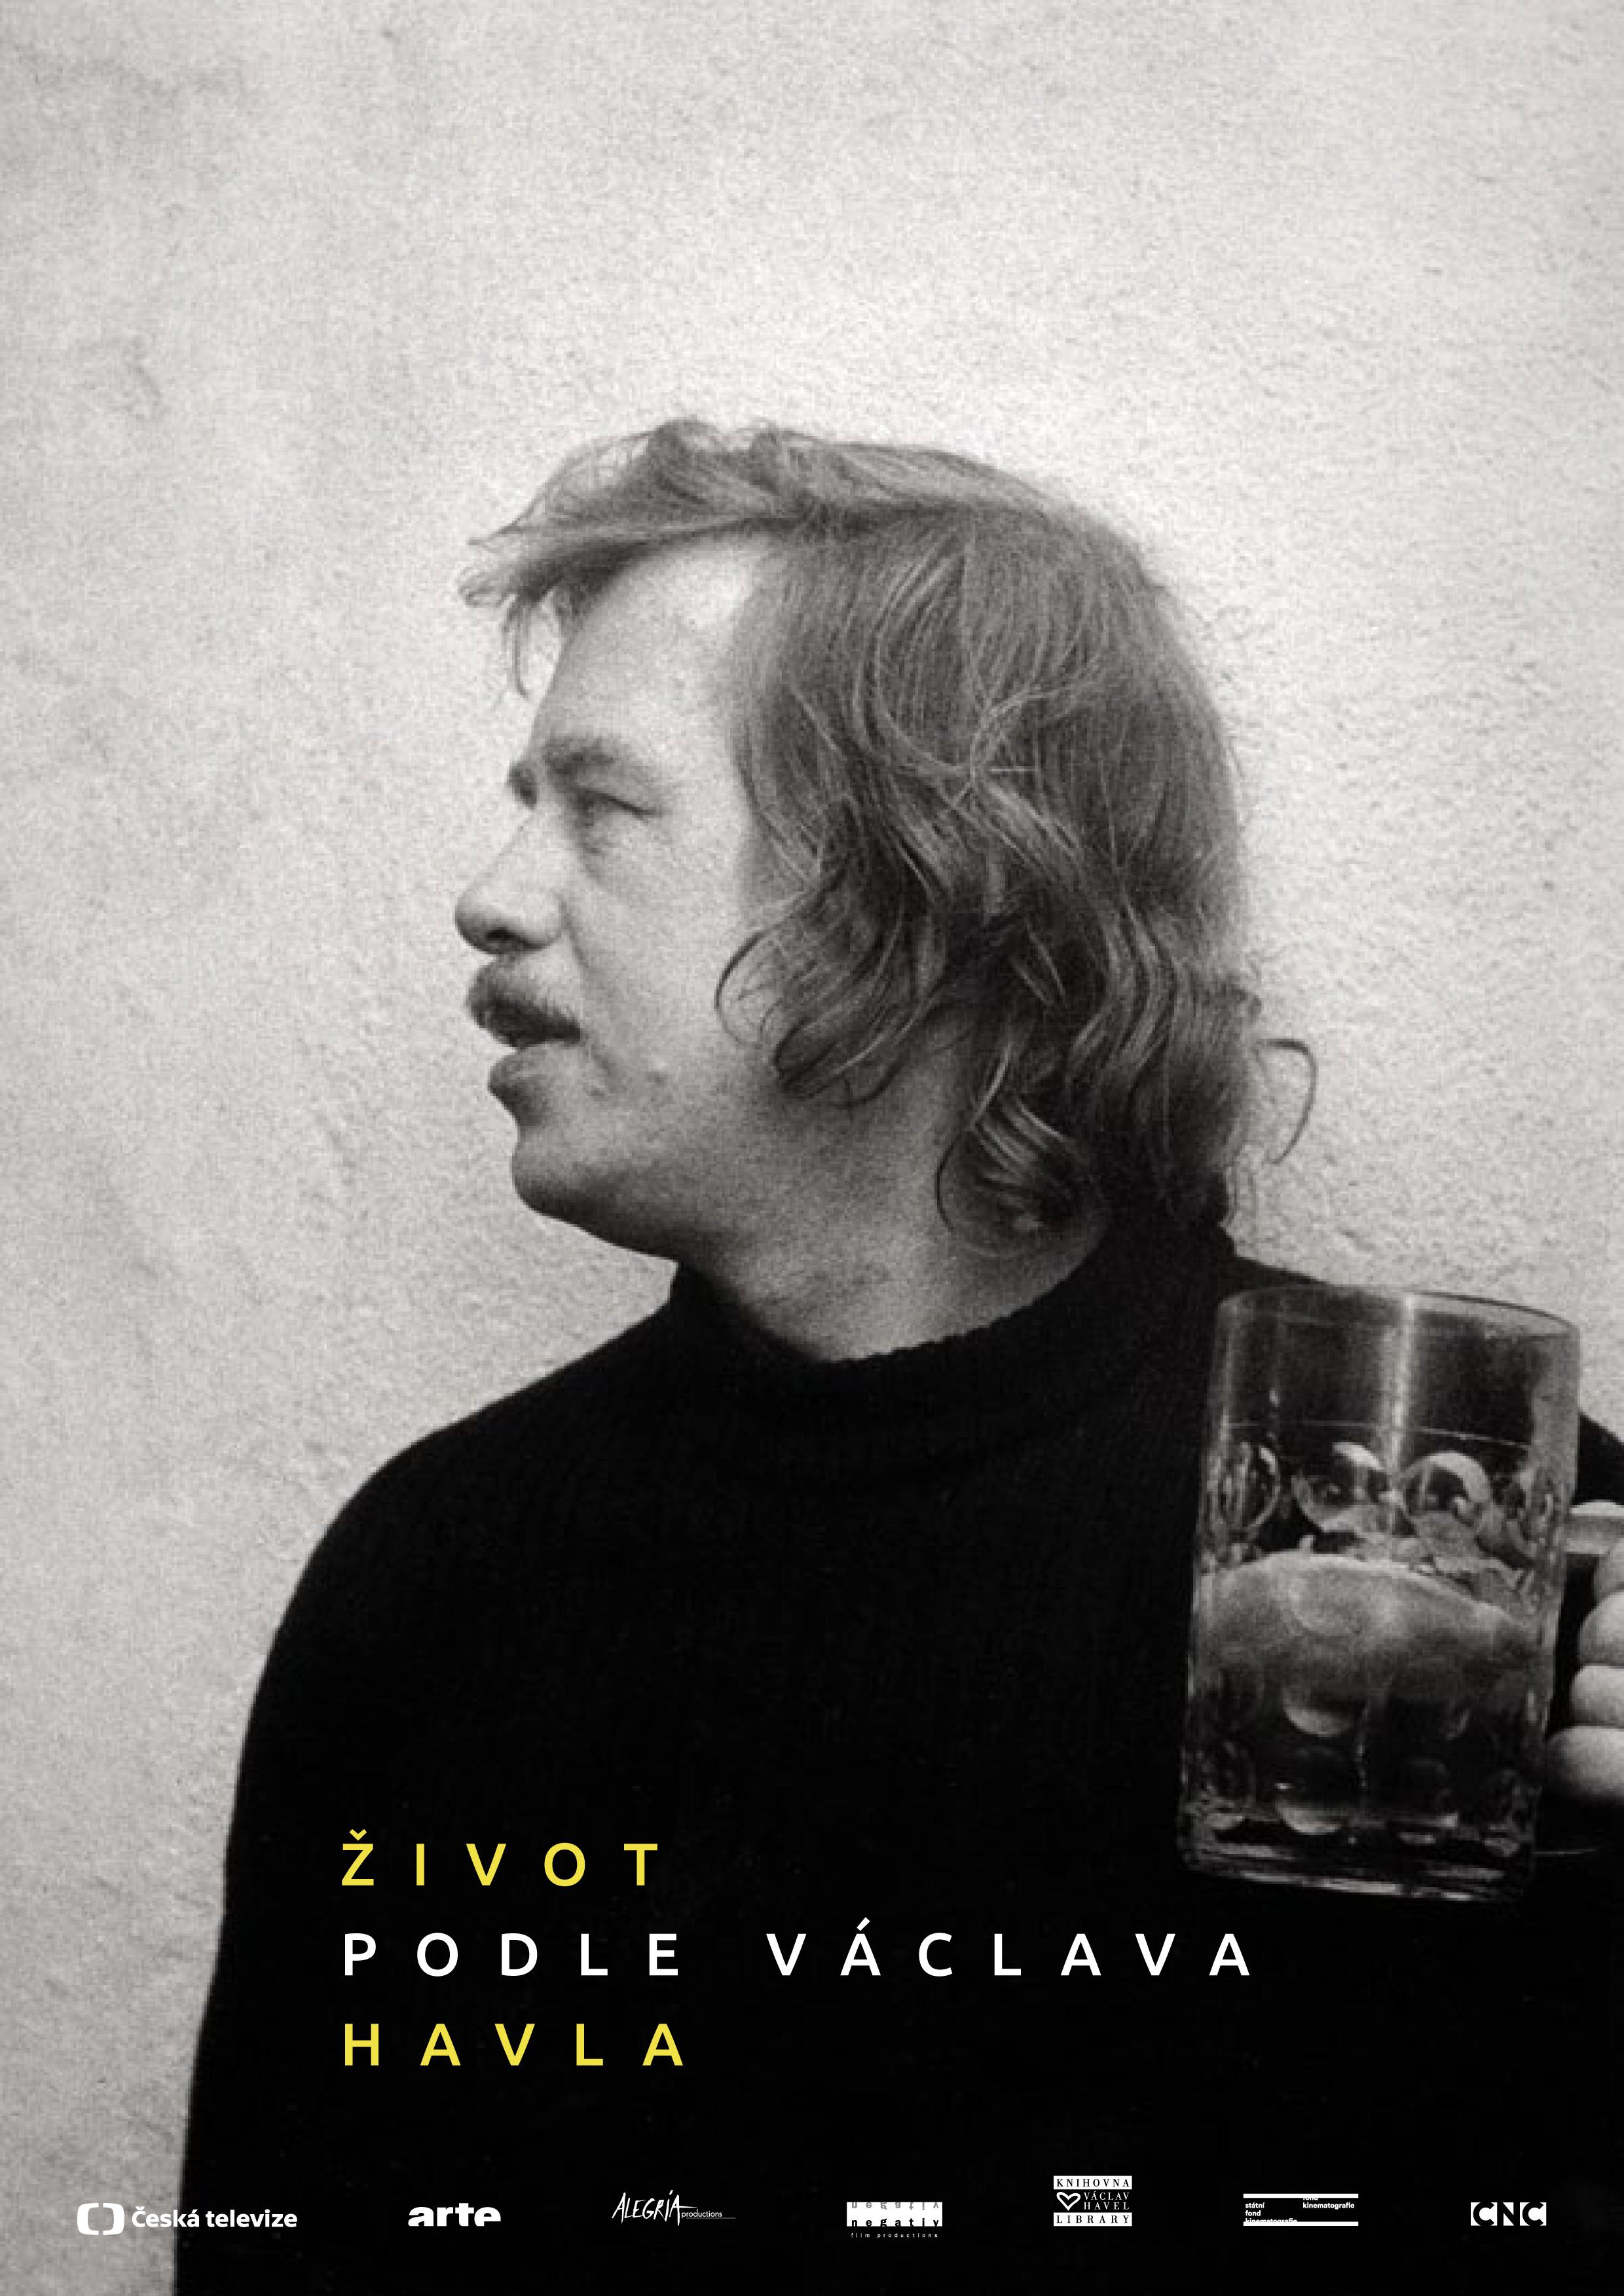 Život podle Václava Havla